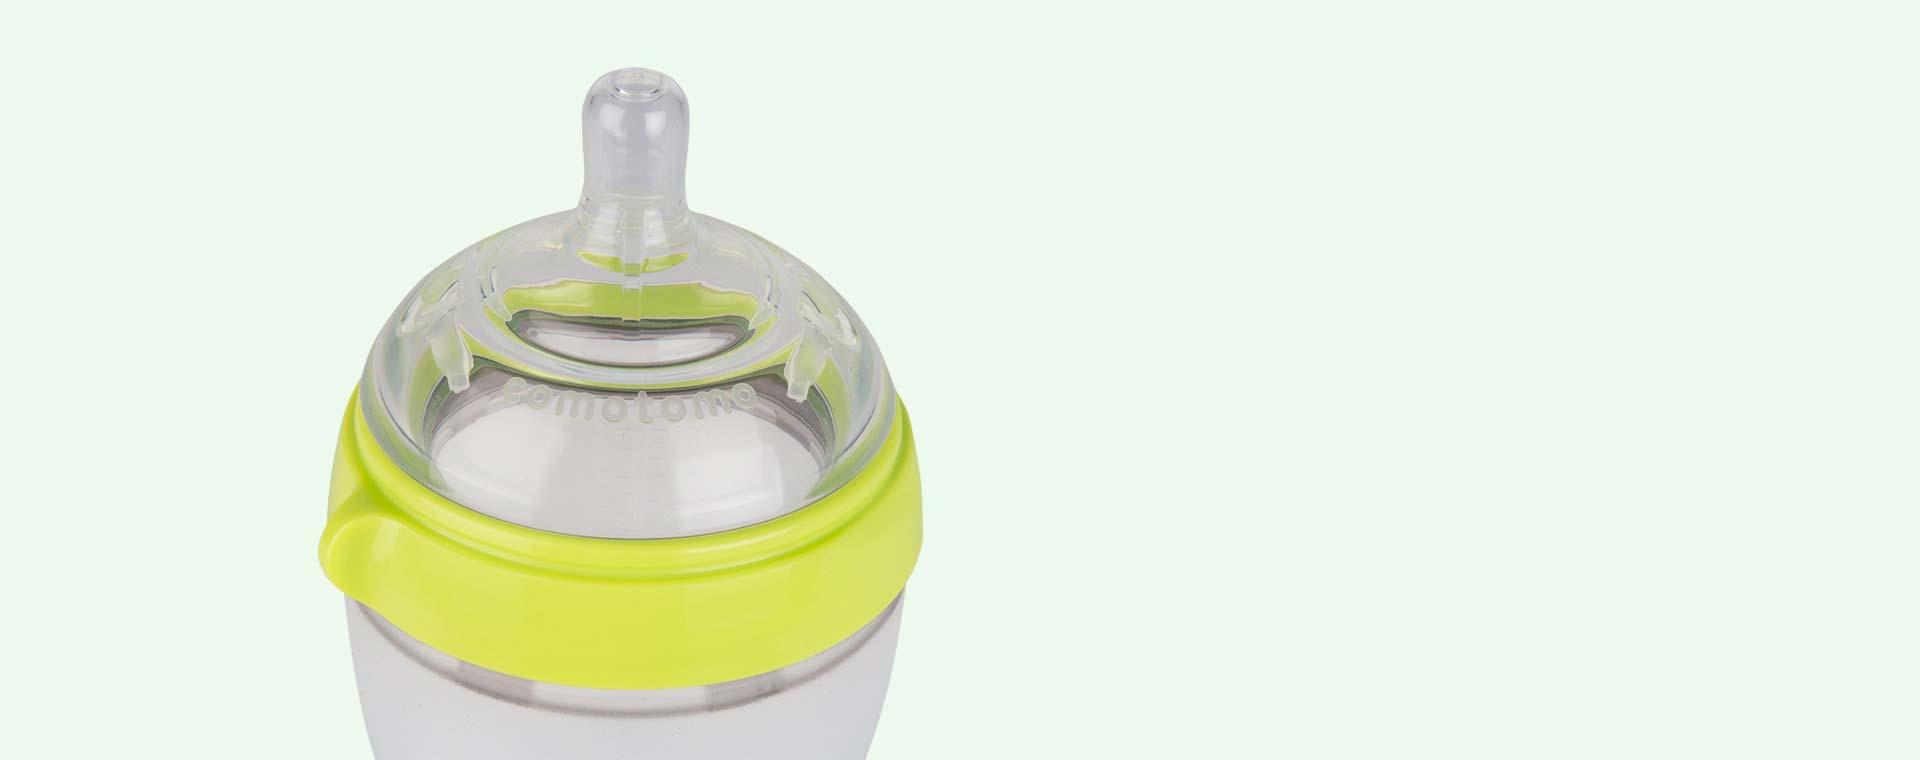 Green Comotomo 5oz Single Bottle